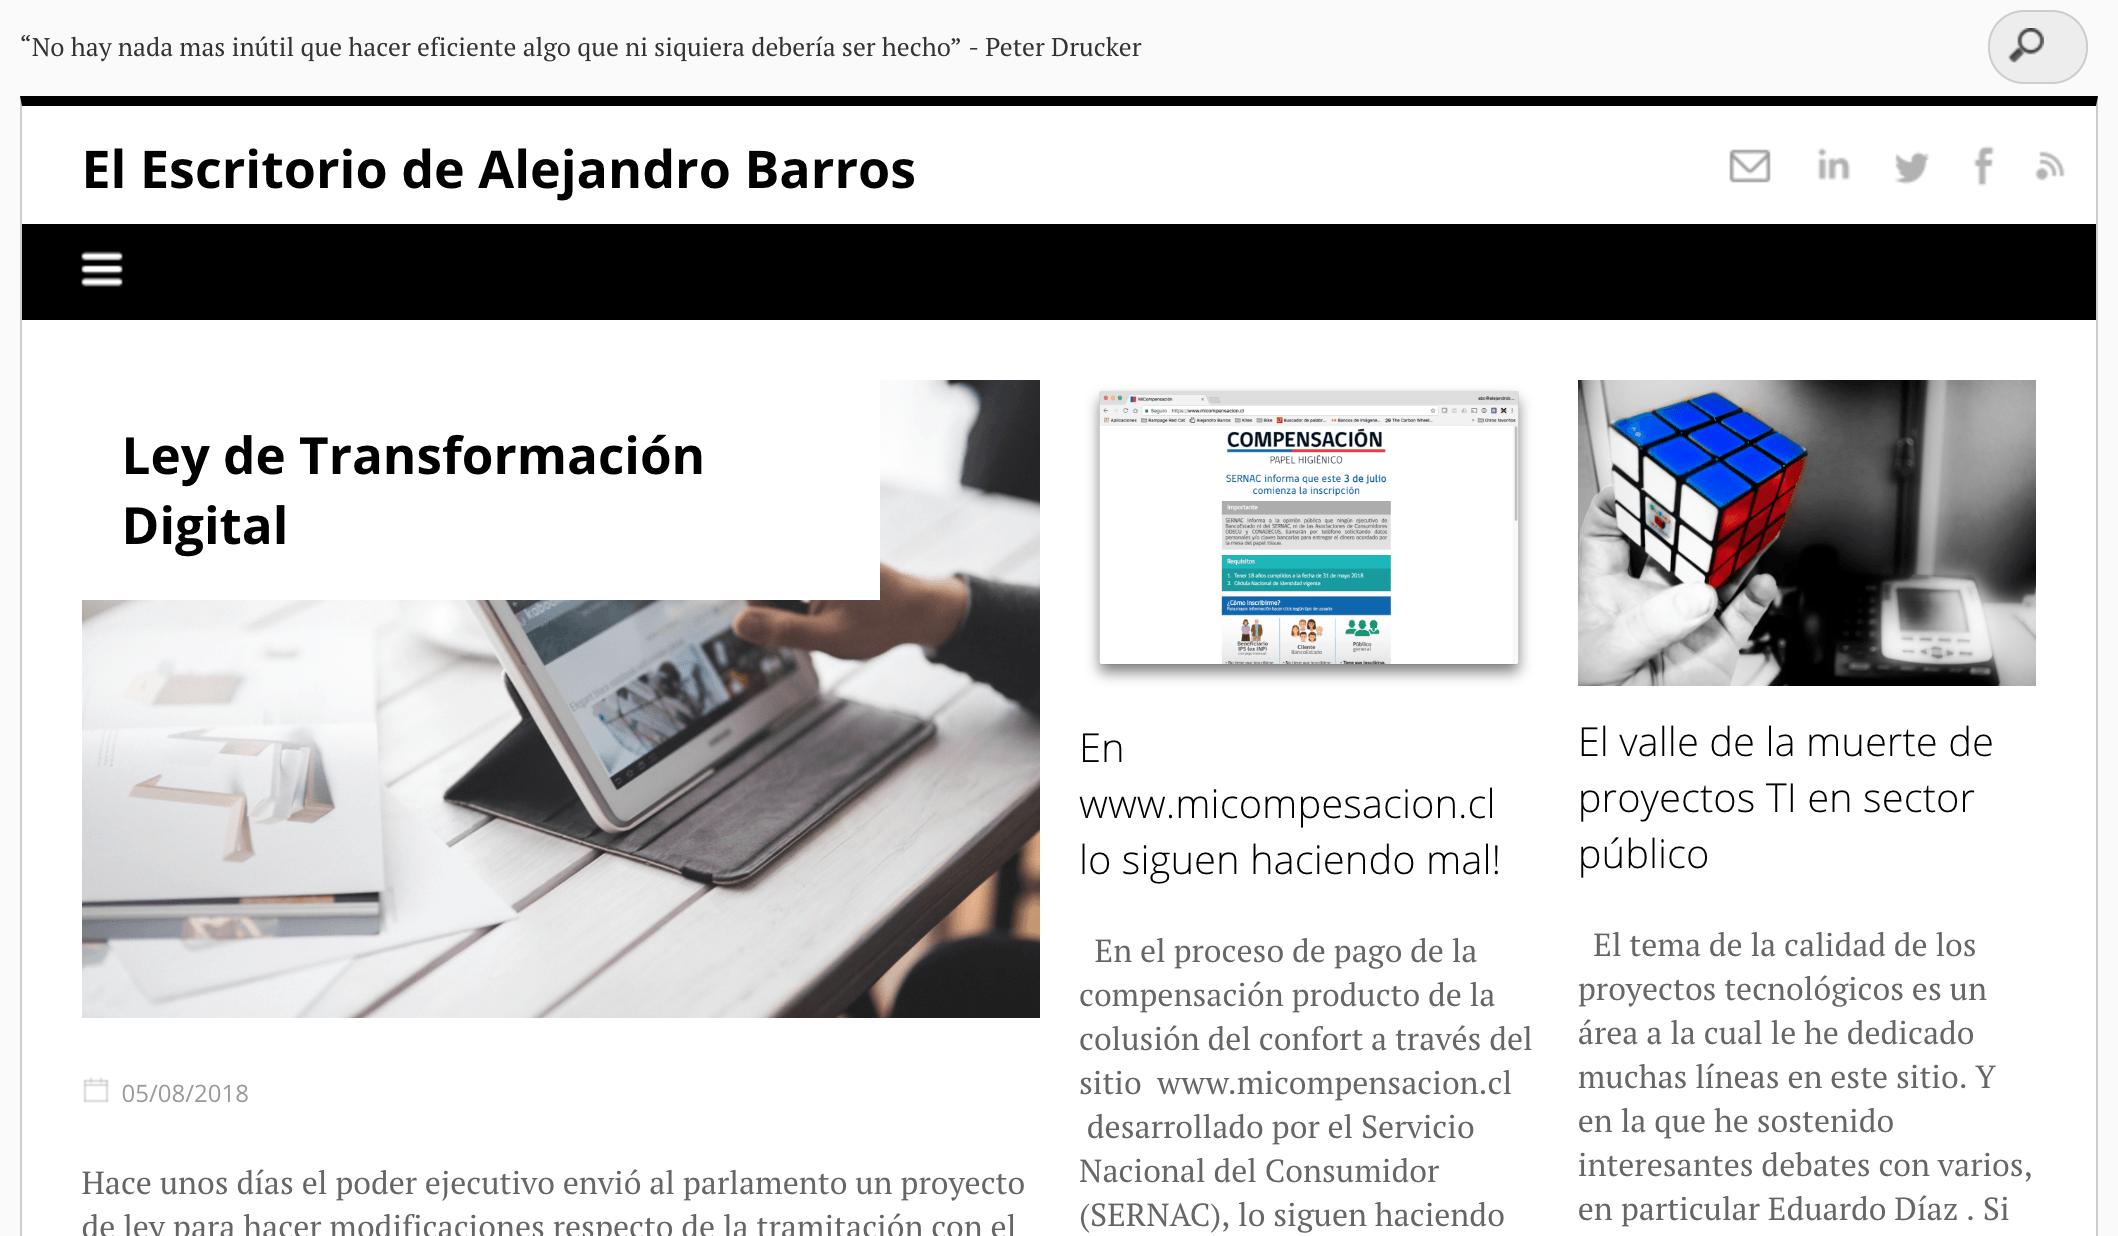 blog : El Escritorio de Alejandro Barros